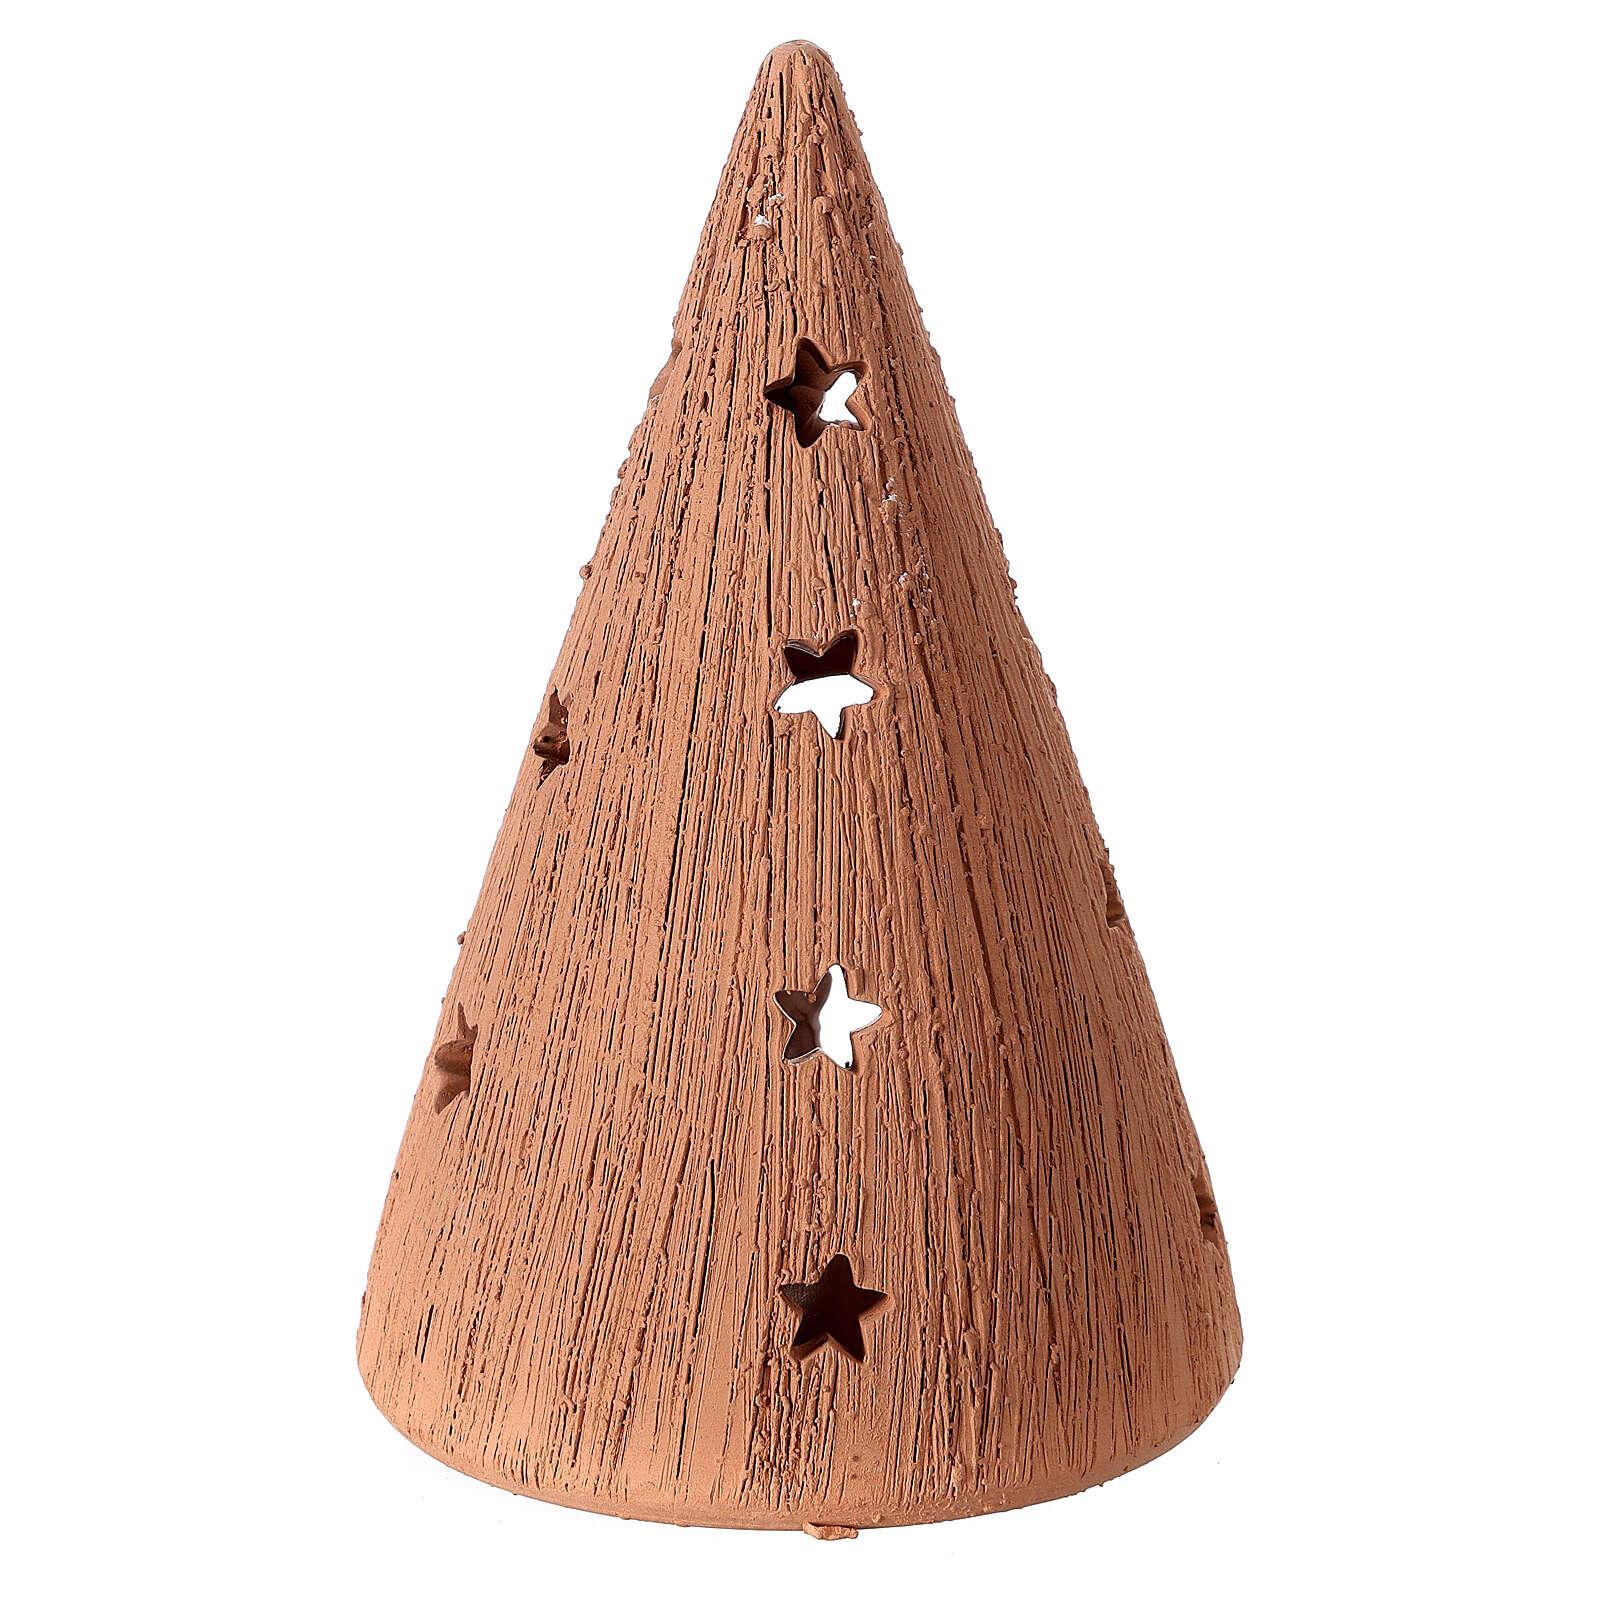 Presepe cono terracotta stelline lume Deruta 15 cm 4